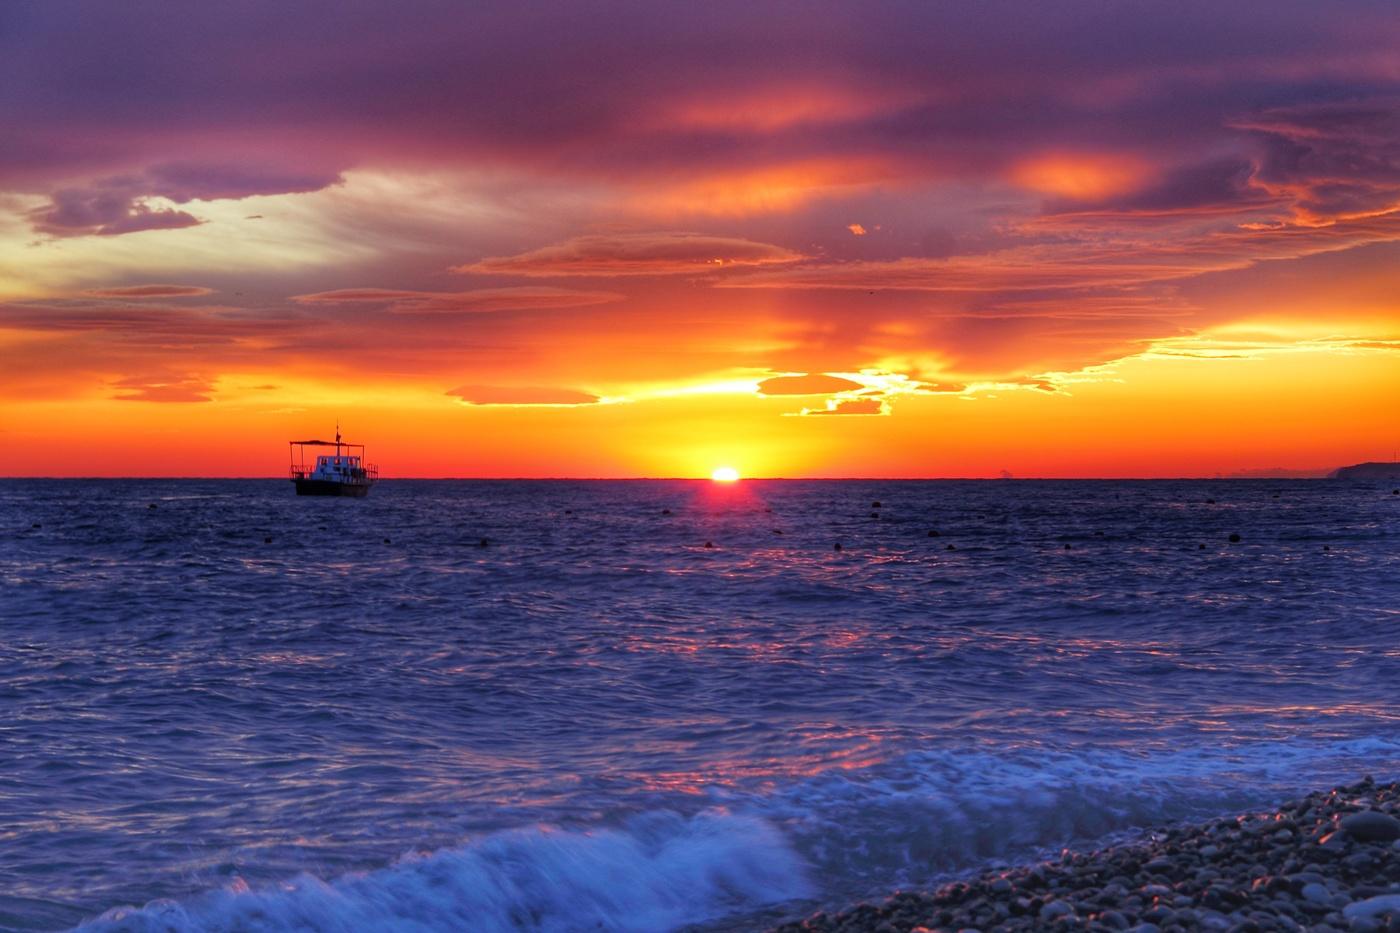 Картинки черного моря, юбилеем женщине оригинальные